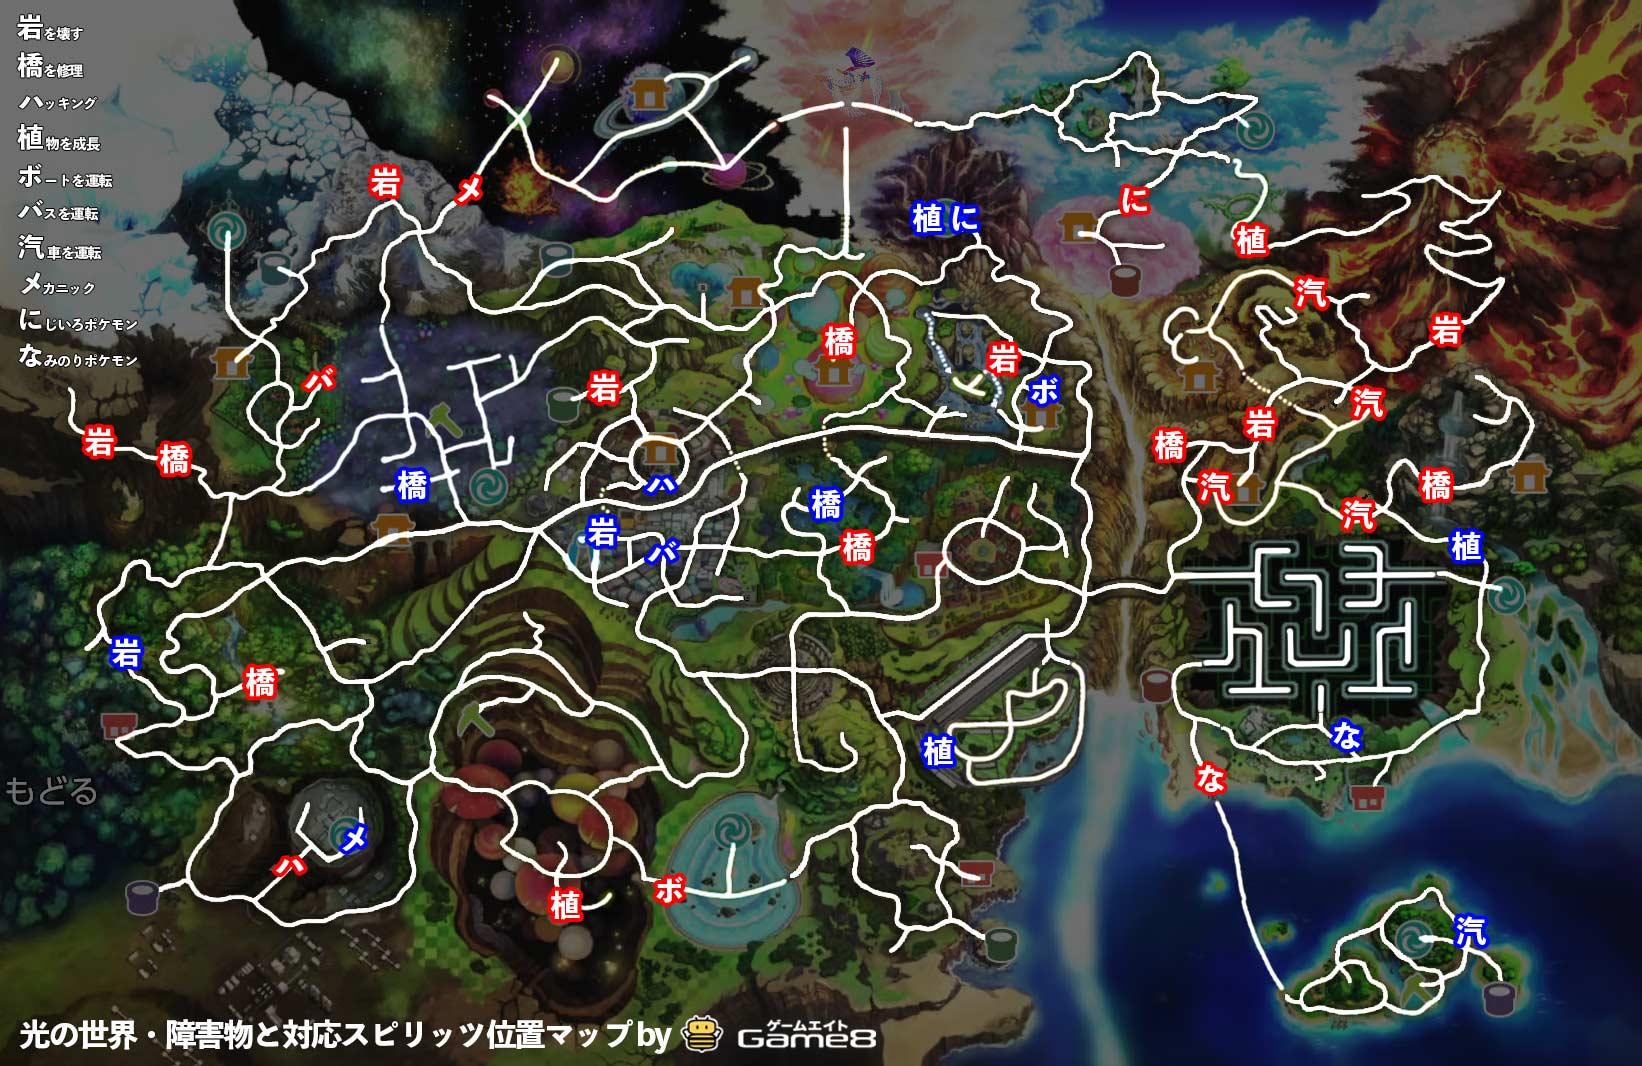 光の世界・障害物マップ.jpg